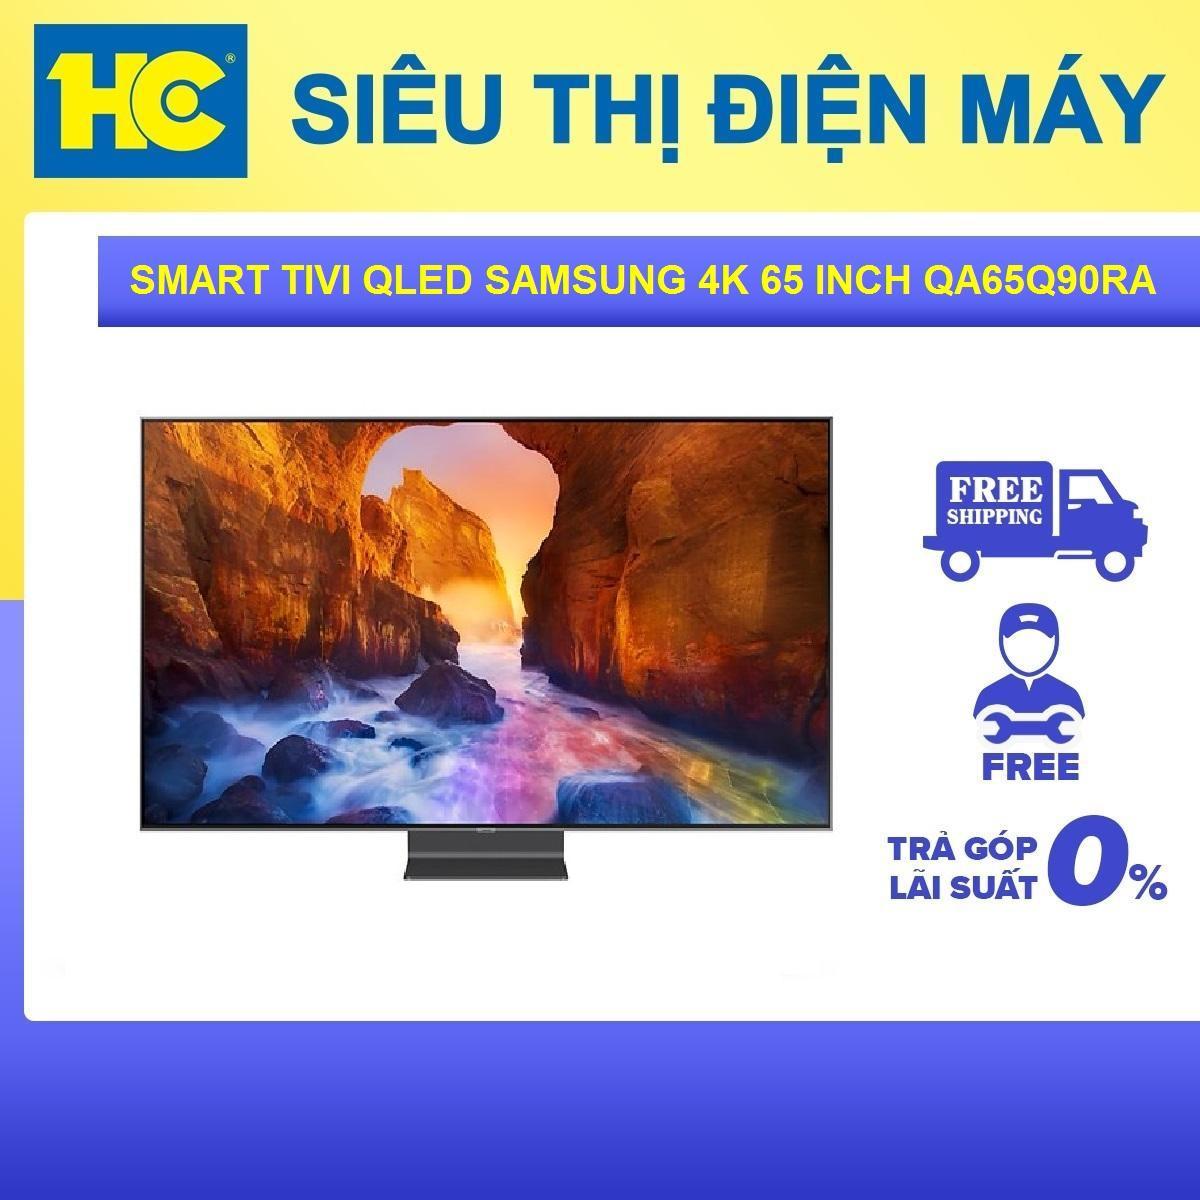 Bảng giá Smart Tivi Samsung 4K 65 inch QA65Q90R - Bảo hành 2 năm - Miễn phí vận chuyển & lắp đặt - hỗ trợ trả góp